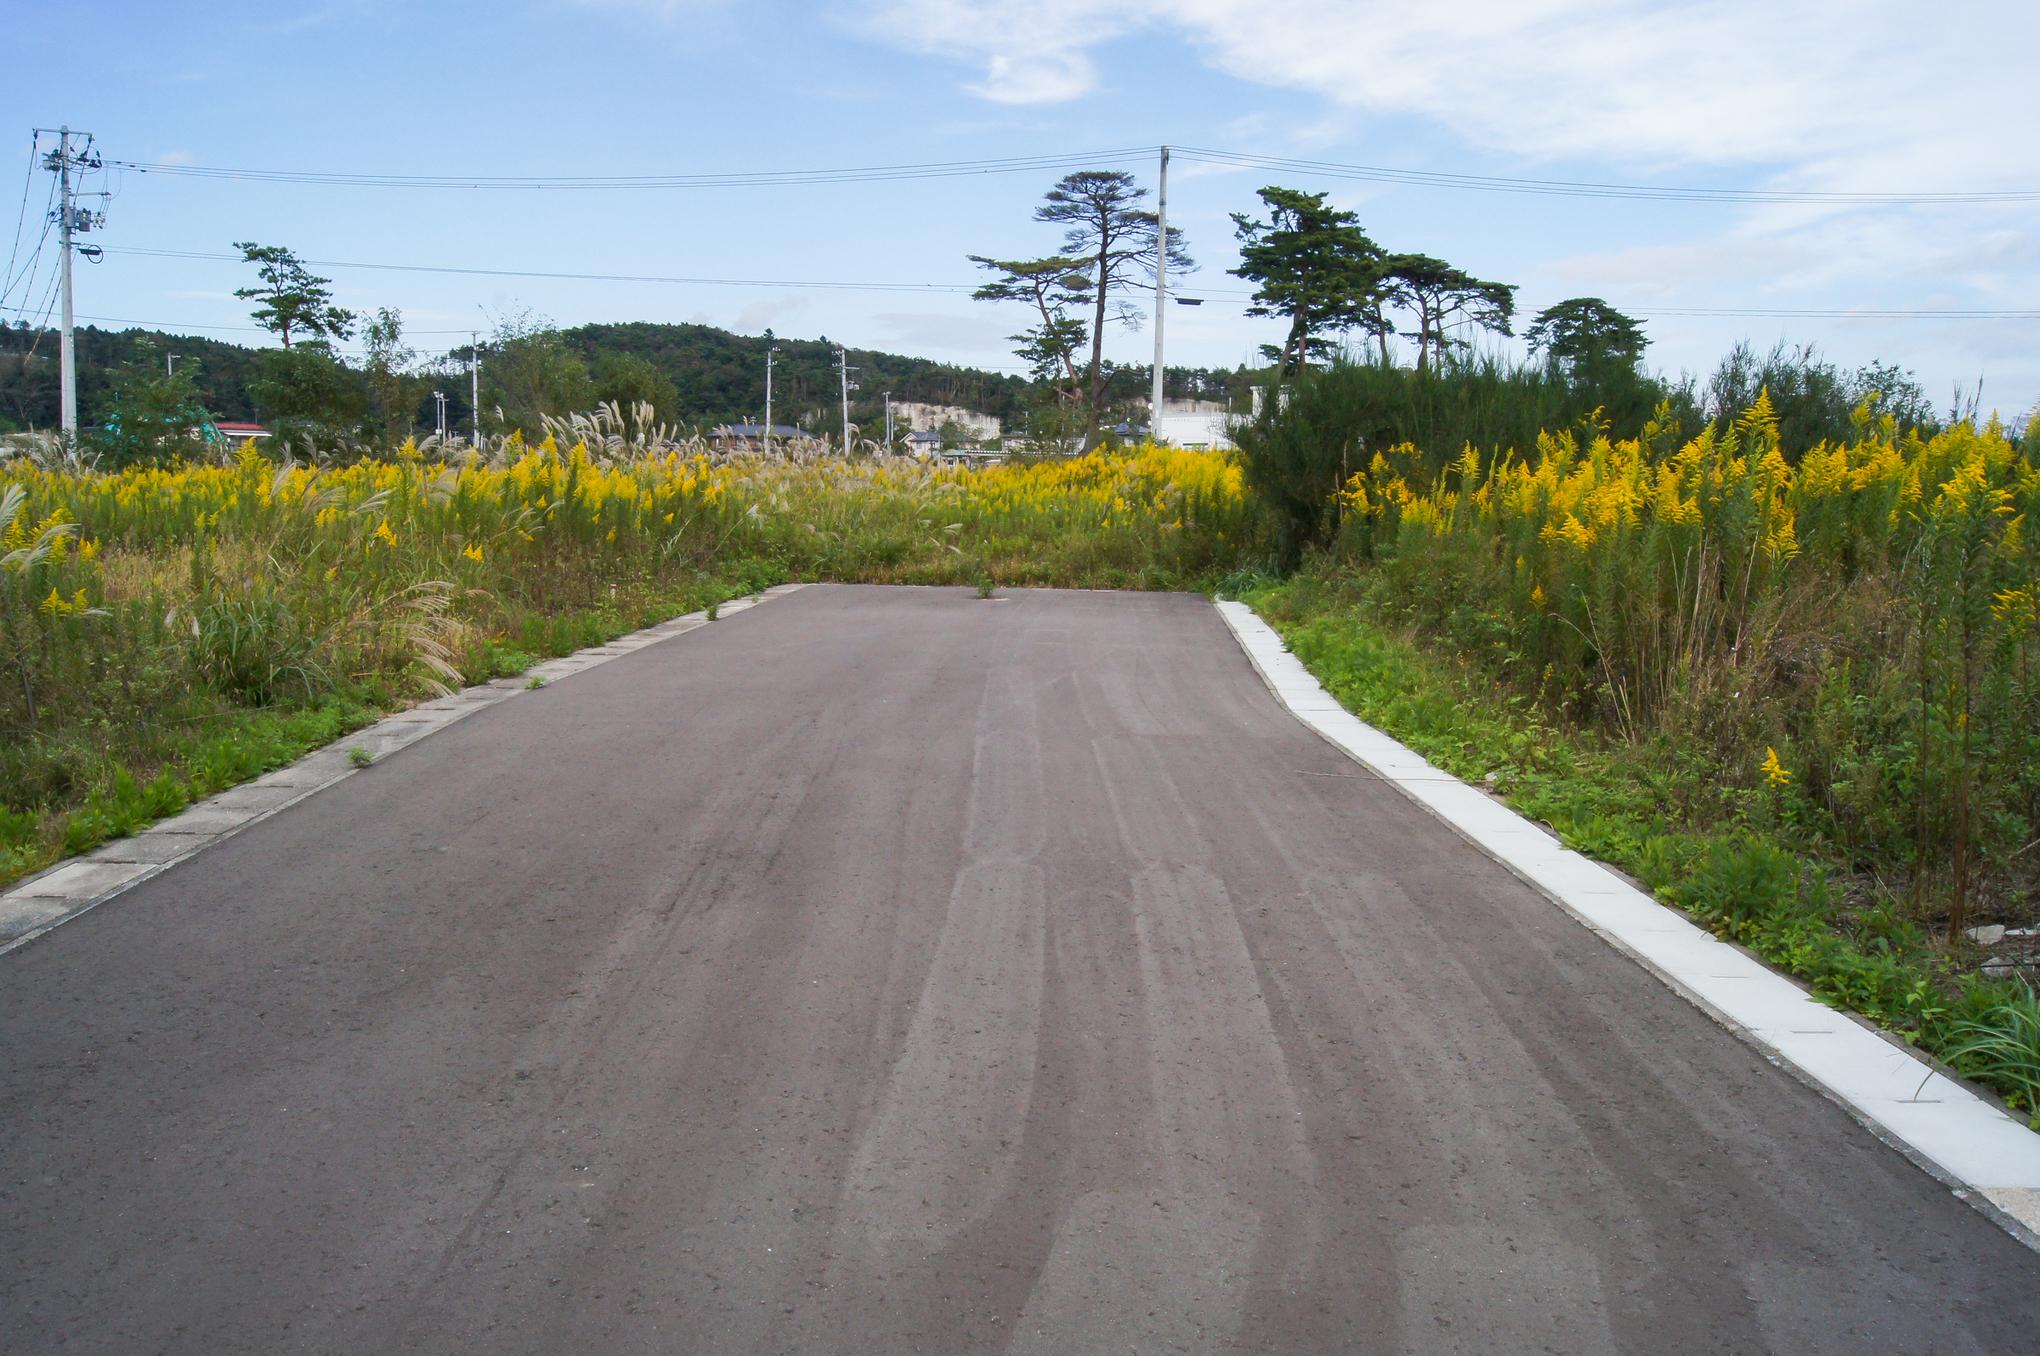 f:id:akichiniiko:20200607200451j:plain